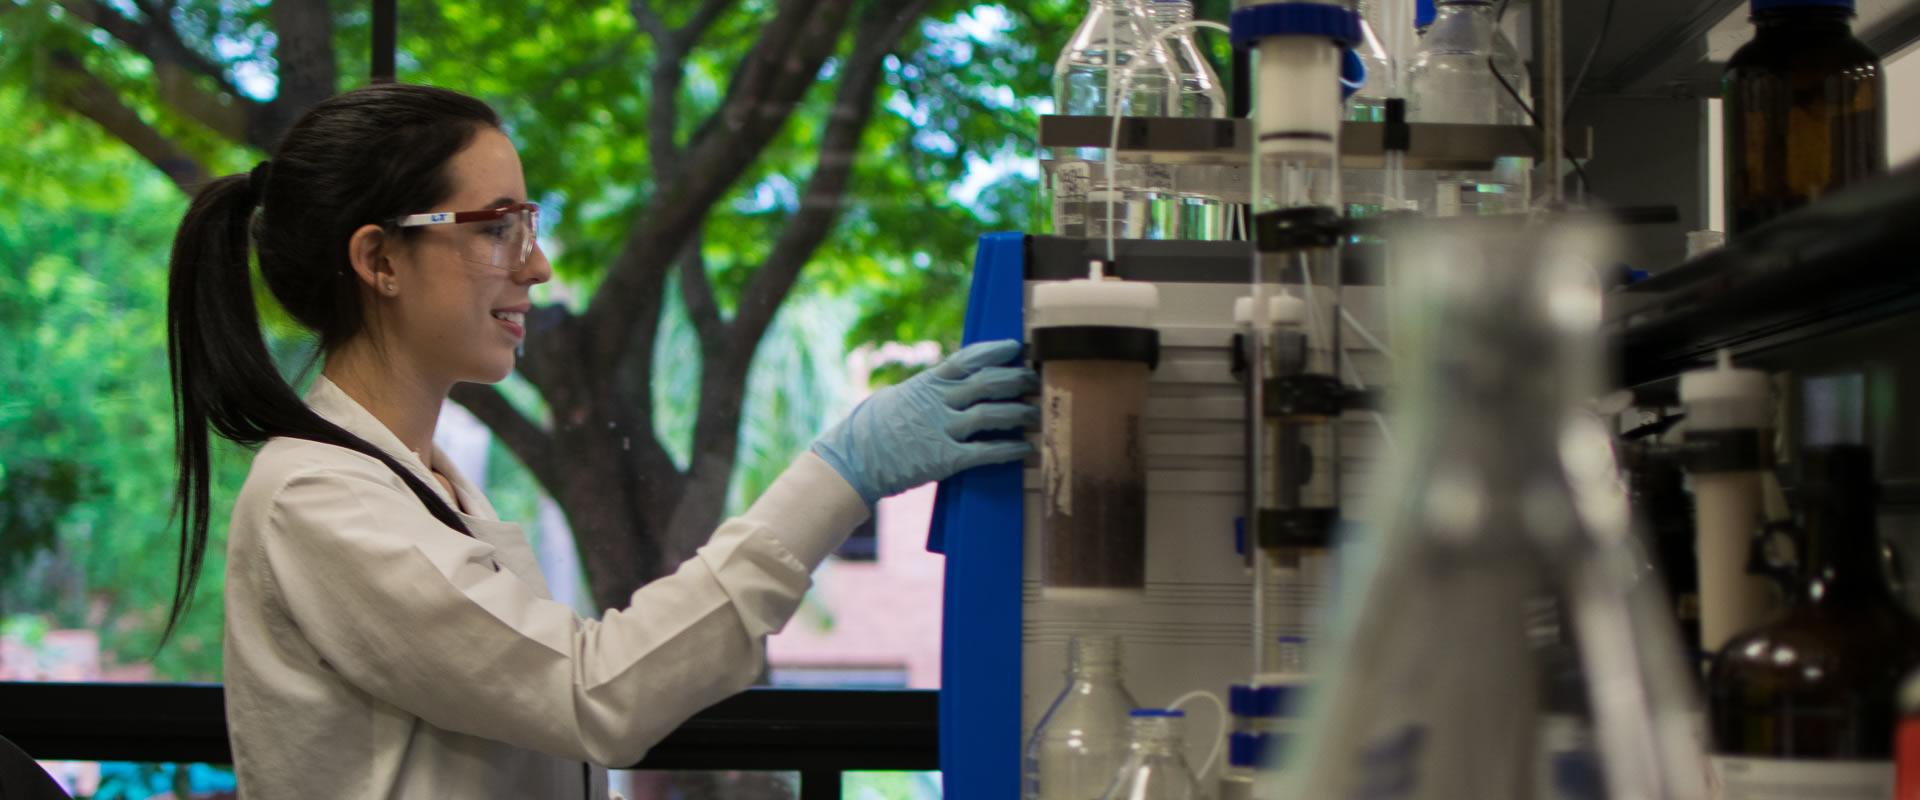 Así son nuestros laboratorios de Ciencias Naturales de la Universidad Icesi